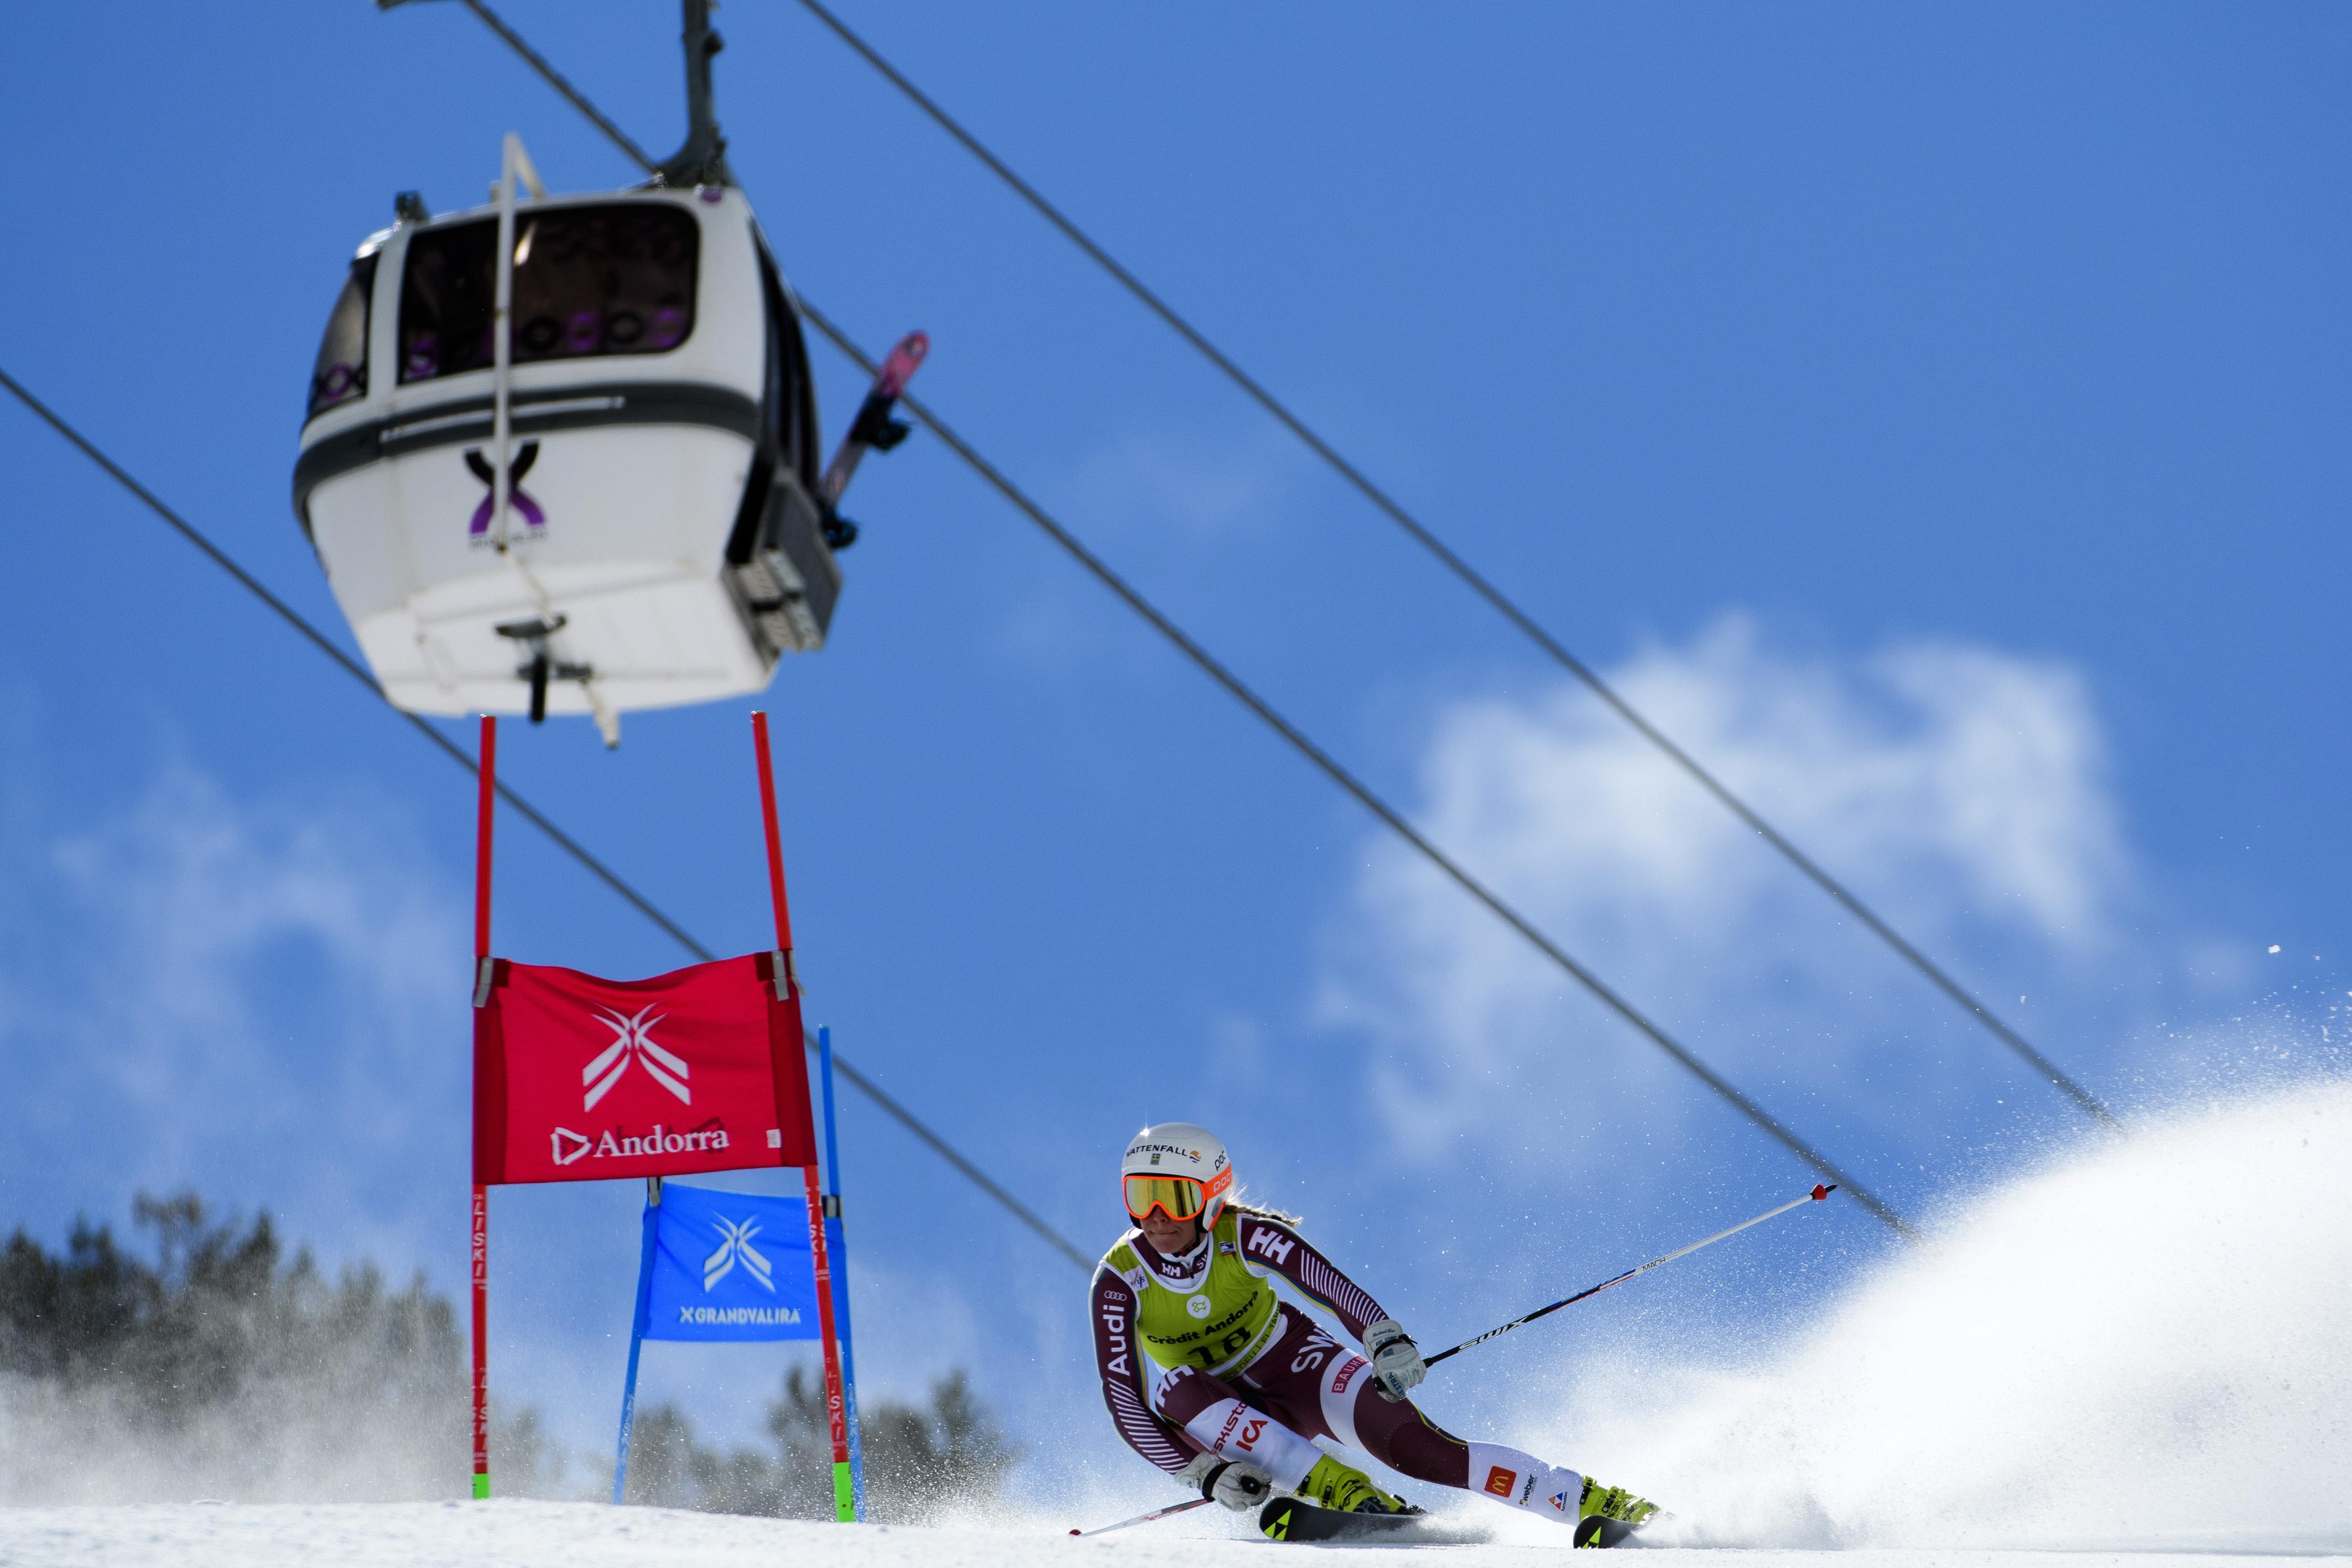 L'élite mondiale du ski alpin disputera du 11 au 17 mars les finales de la Coupe du monde 2019 sur les pistes de Grandvalira. Les 25 meilleurs skieurs de chaque spécialité du circuit mondial se disputeront les titres dans les disciplines du slalom, du slalom géant, du super géant et de la descente, en catégorie masculine et féminine. Dans le monde du ski alpin, ces épreuves sont les plus importantes après les Jeux olympiques et les Championnats du monde. Elles constitueront l'événement sportif hivernal le plus prestigieux jamais organisé en Andorre, ce qui marquera un tournant dans le rayonnement de la Principauté sur la scène sportive internationale. Les courses se disputeront sur les pistes Avet et Àliga de Grandvalira L'emblématique piste Avet, située dans le secteur de Soldeu, accueillera les disciplines techniques du slalom et du slalom géant. En 2012, elle avait été le théâtre des épreuves de la Coupe du monde de ski alpin féminin. Elle mesure près de 1200 mètres et sa pente maximale est de 60%, avec une orientation nord-ouest qui garantit la qualité de la neige. En ce qui concerne l'Àliga, située dans le secteur d'El Tarter, son double tracé qui, vu du ciel, forme un X, le symbole du logo de Grandvalira, peut accueillir aussi bien des disciplines de vitesse (l'Àliga SG) que techniques (l'Àliga SL). La longueur de l'Àliga SG est de 2,7 kilomètres pour 60 mètres de largeur et un dénivelé de 600 mètres. Depuis l'homologation par la FIS de ces deux pistes, respectivement en 2007 et 2013, les travaux d'amélioration et de conditionnement se sont poursuivis afin de garantir la sécurité maximale des skieurs et la qualité du spectacle pour toutes les compétitions qui s'y sont produites et qui culmineront avec les Finales de la Coupe du monde FIS de ski alpin 2019.